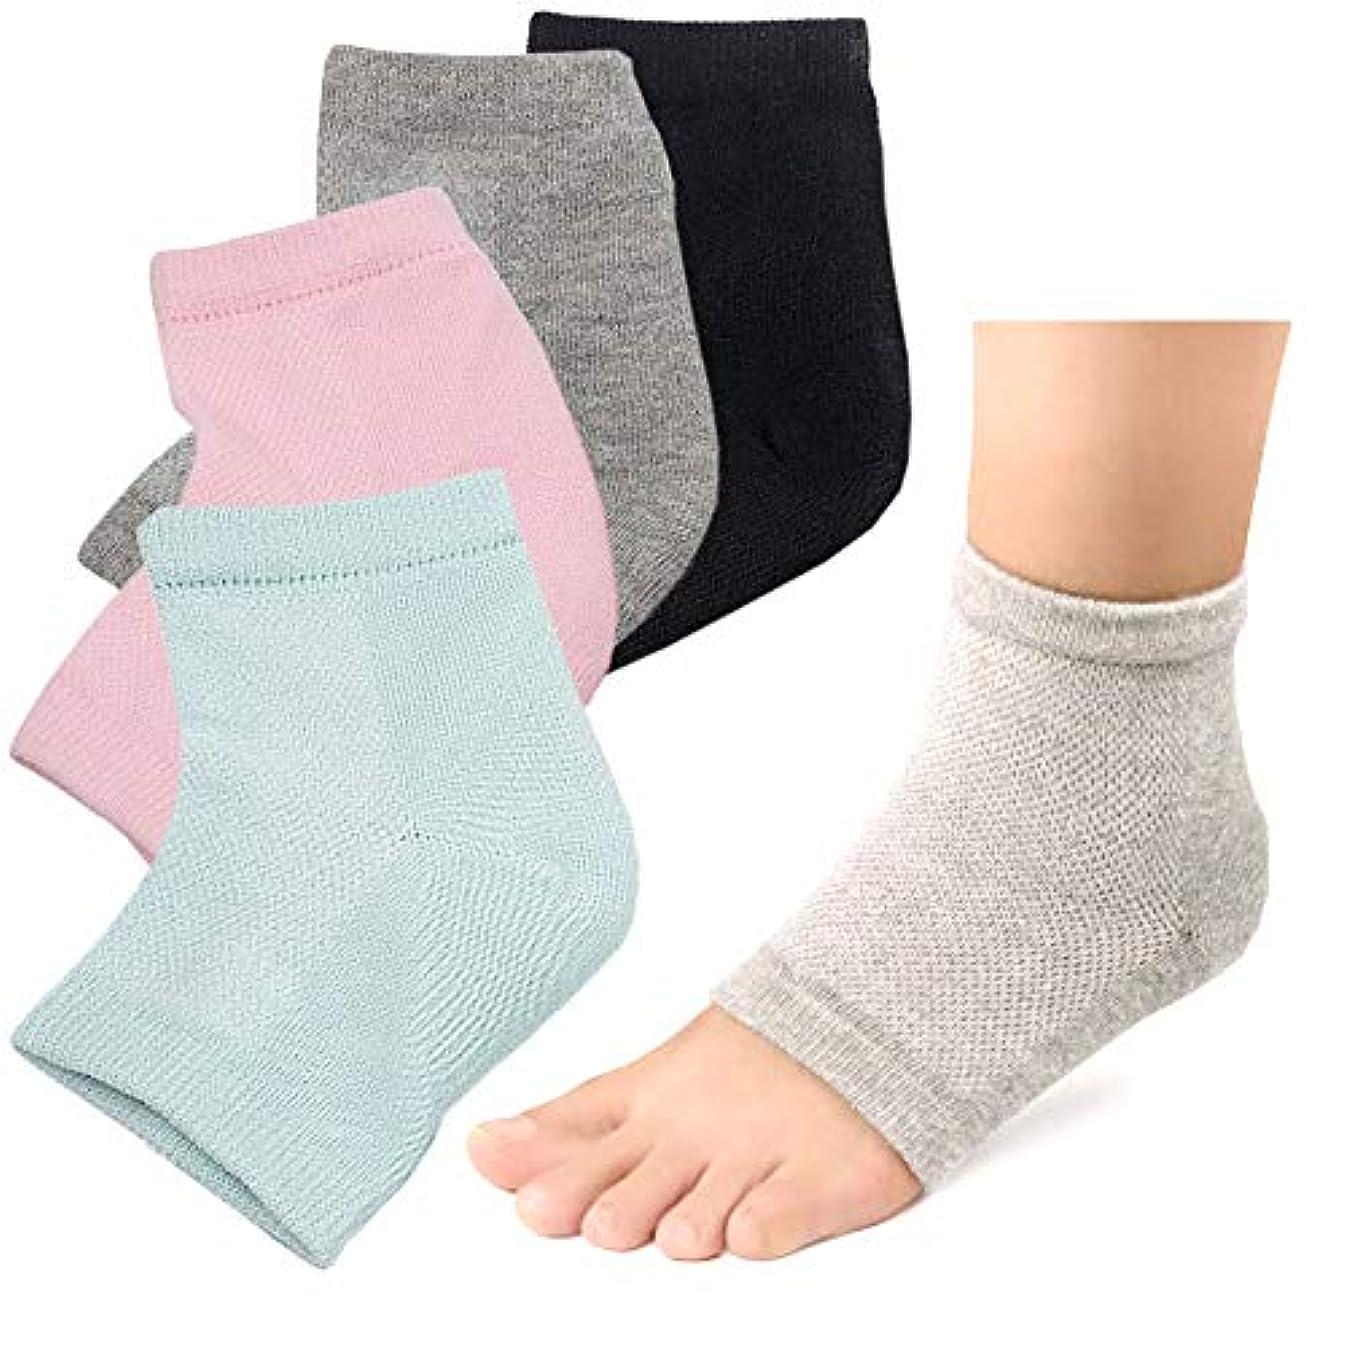 グローブ導入する息を切らしてかかと 靴下 ソックス つるつる 2足セット かかとケア かかとサポーター ひび割れ対策 角質ケア (グレー/グリーン)